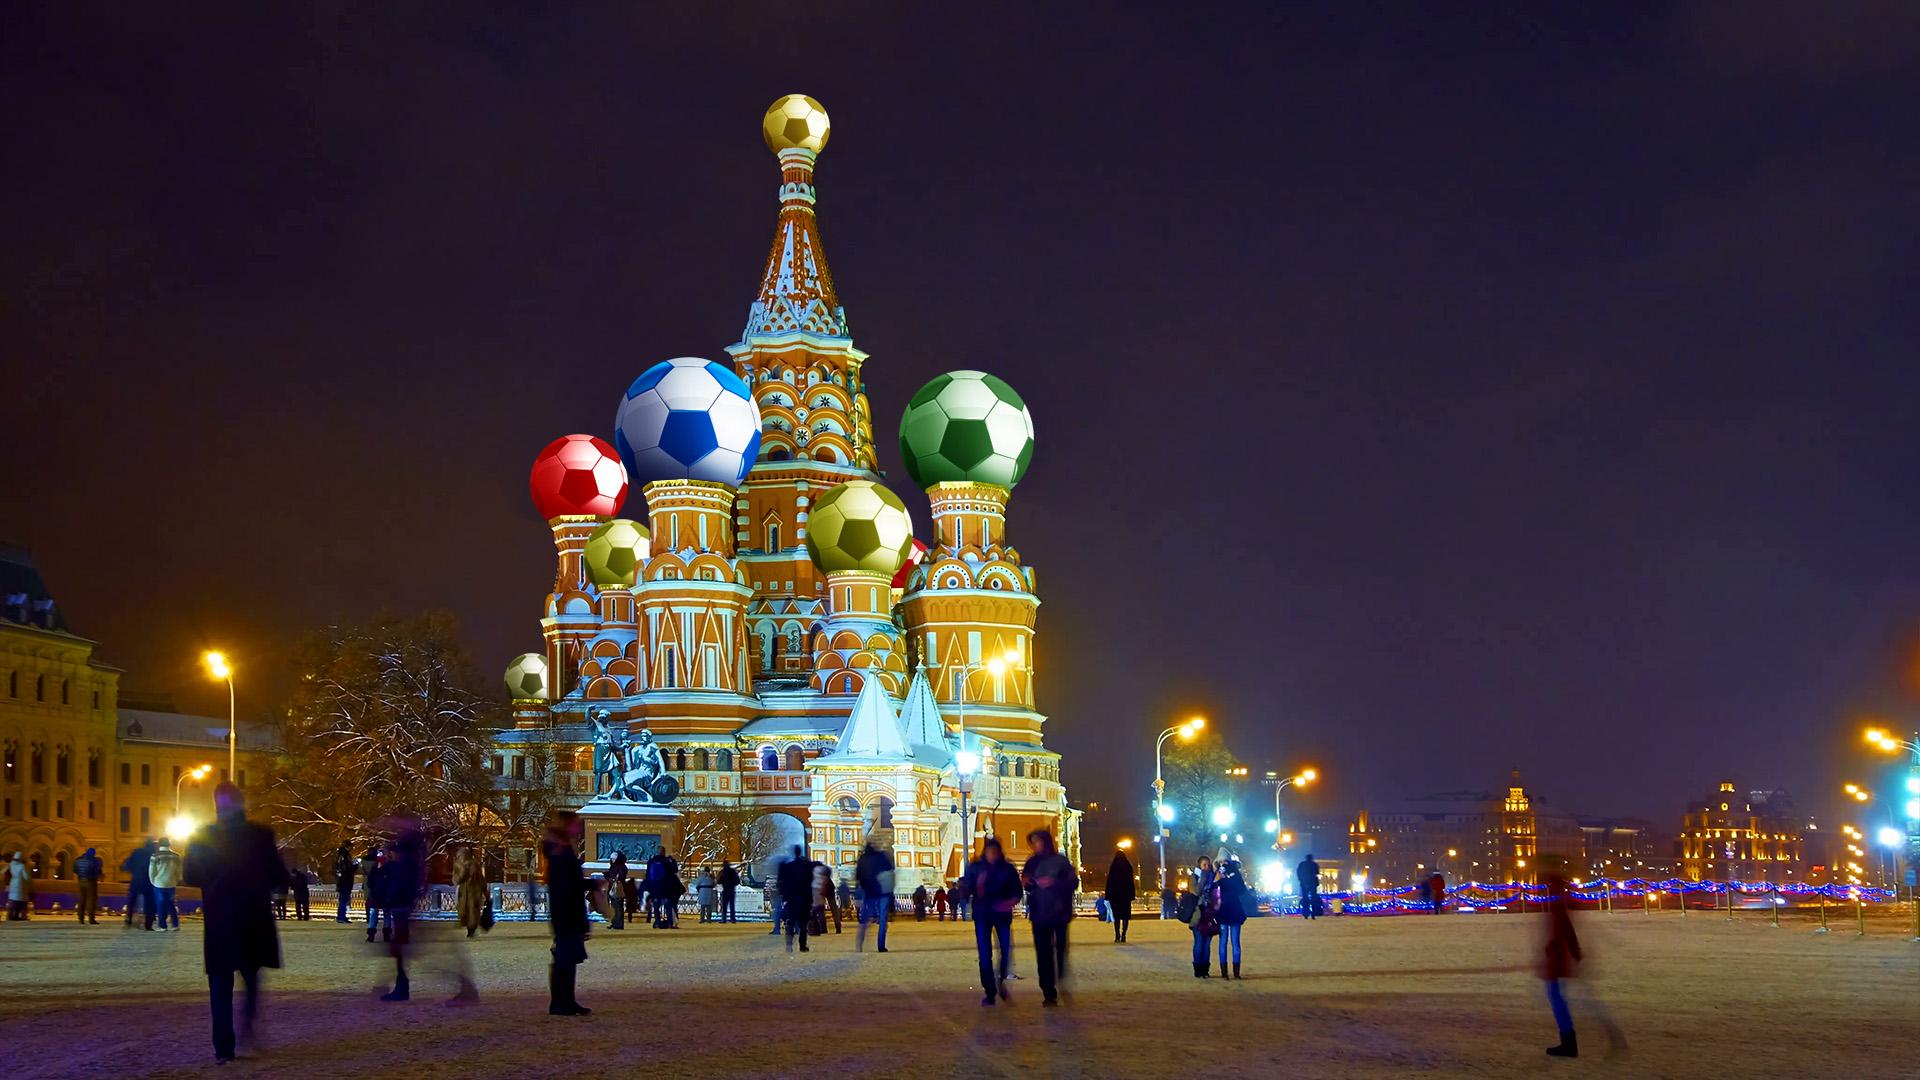 Las ciudades anfitrionas en esta Copa del Mundo incluyen a Moscú, San Petersburgo, Kazán, Sochi, Volgogrado, Ekaterimburgo, Kaliningrado, Nizhny Novgorod, Rostov-on-Don, Samara y Saransk (Getty Images)